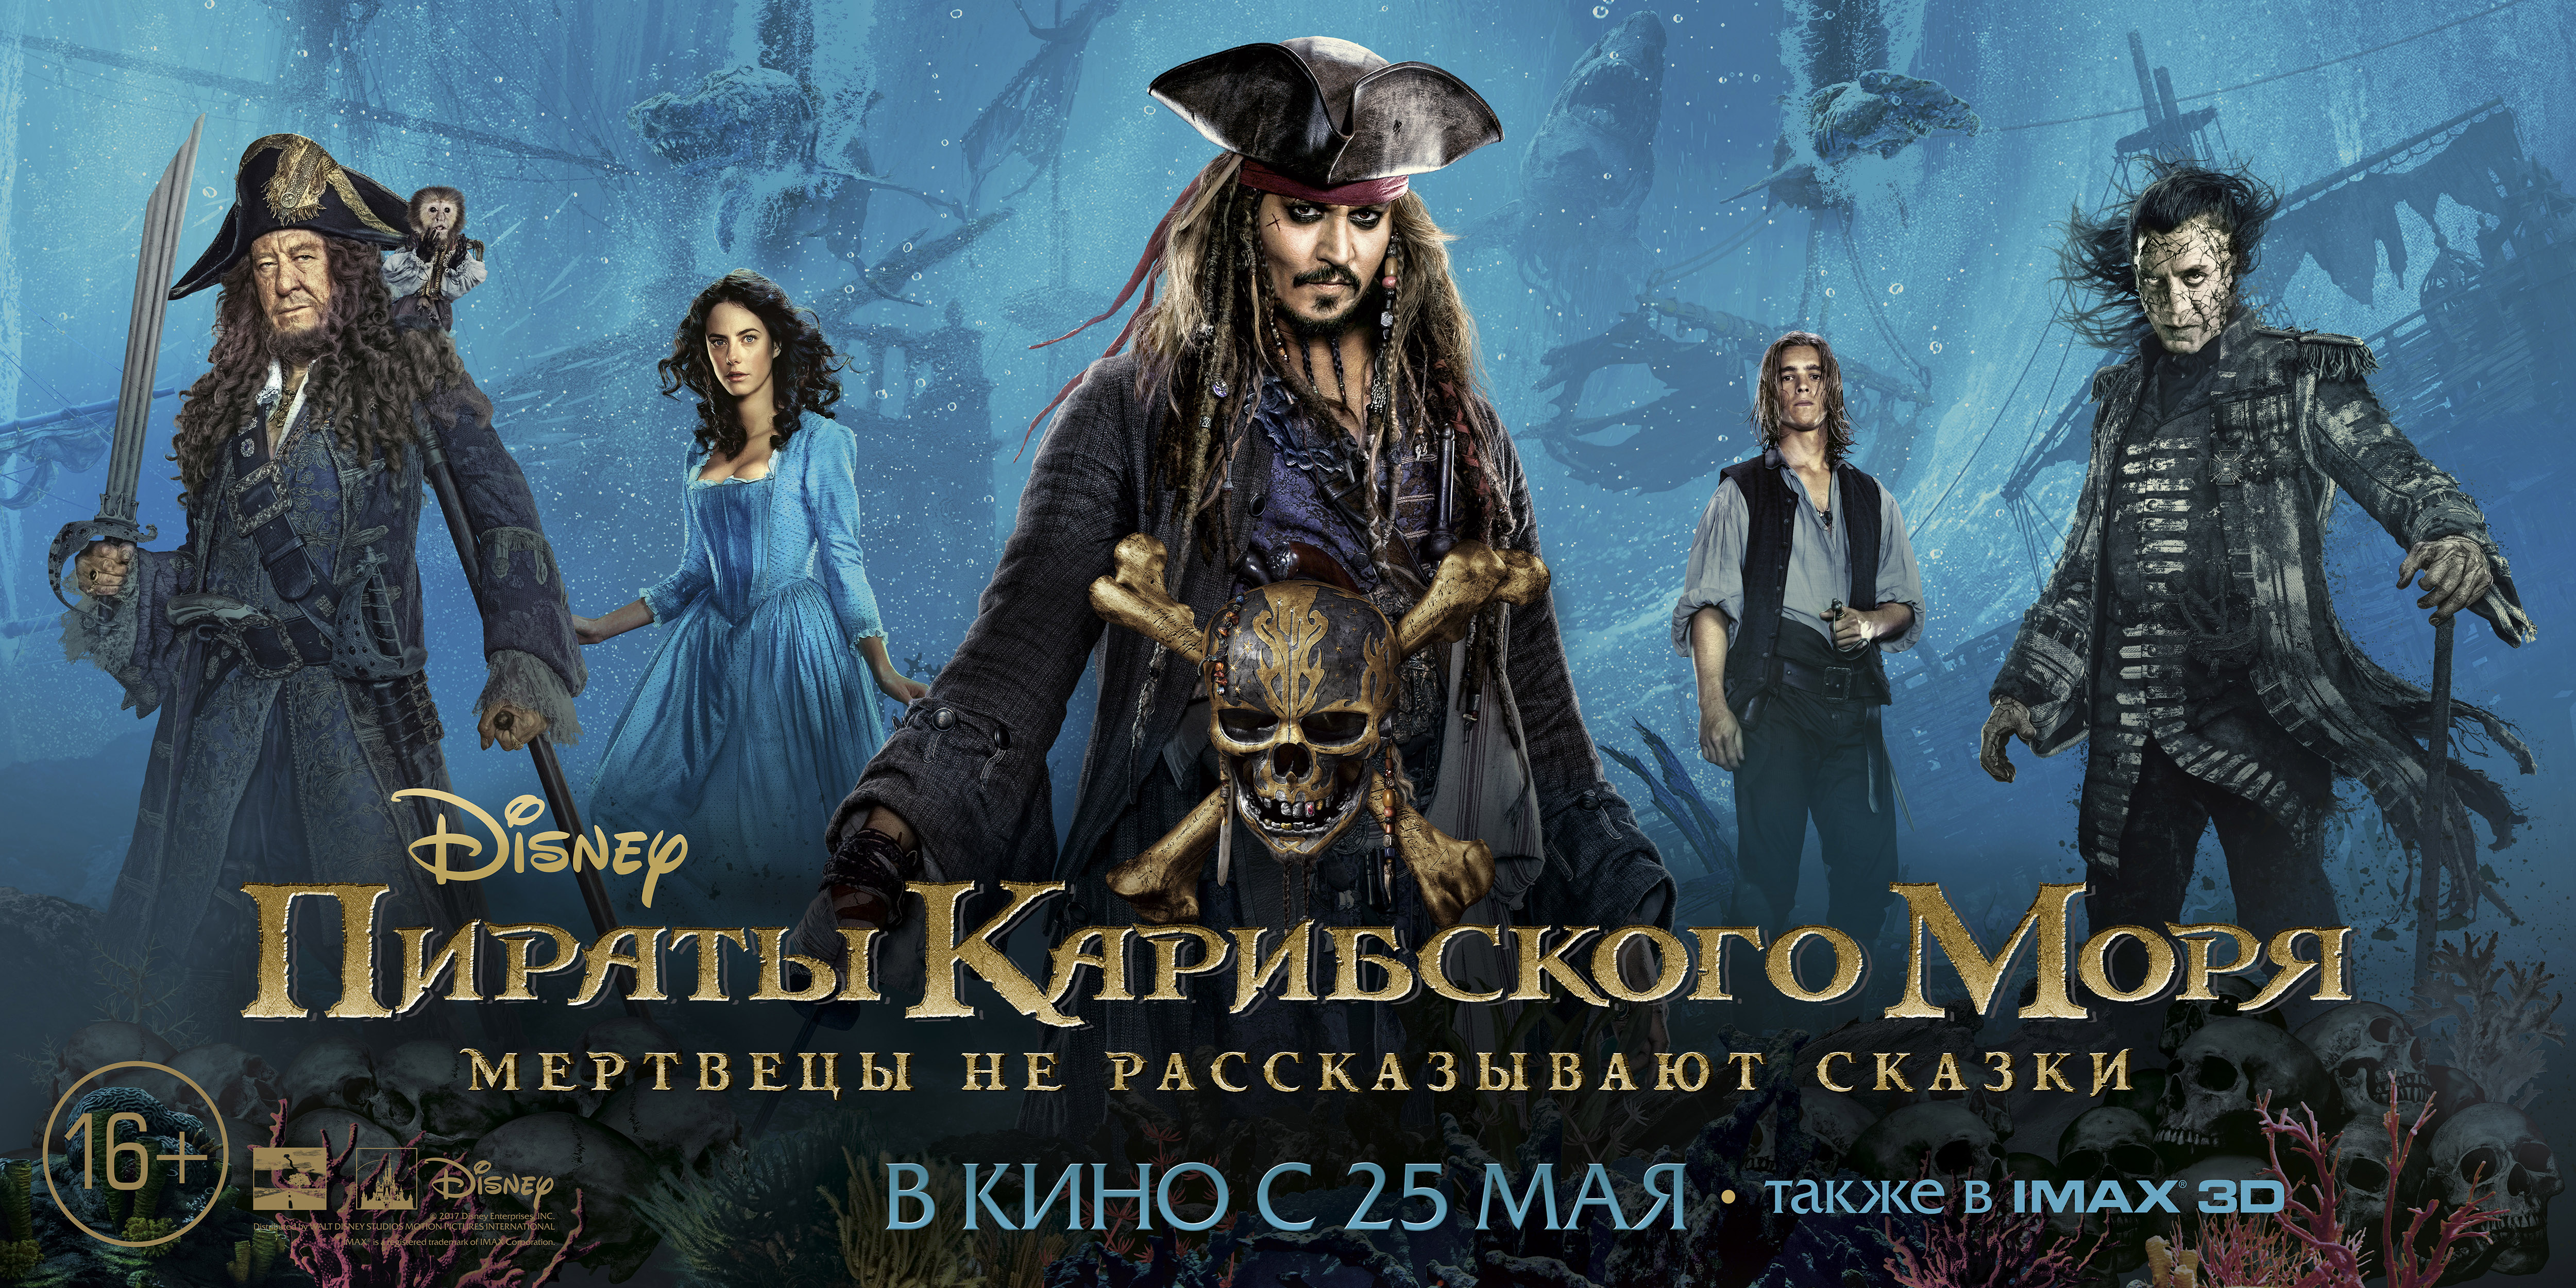 чэ8е смотреть Пираты Карибского моря 5 премьера будет